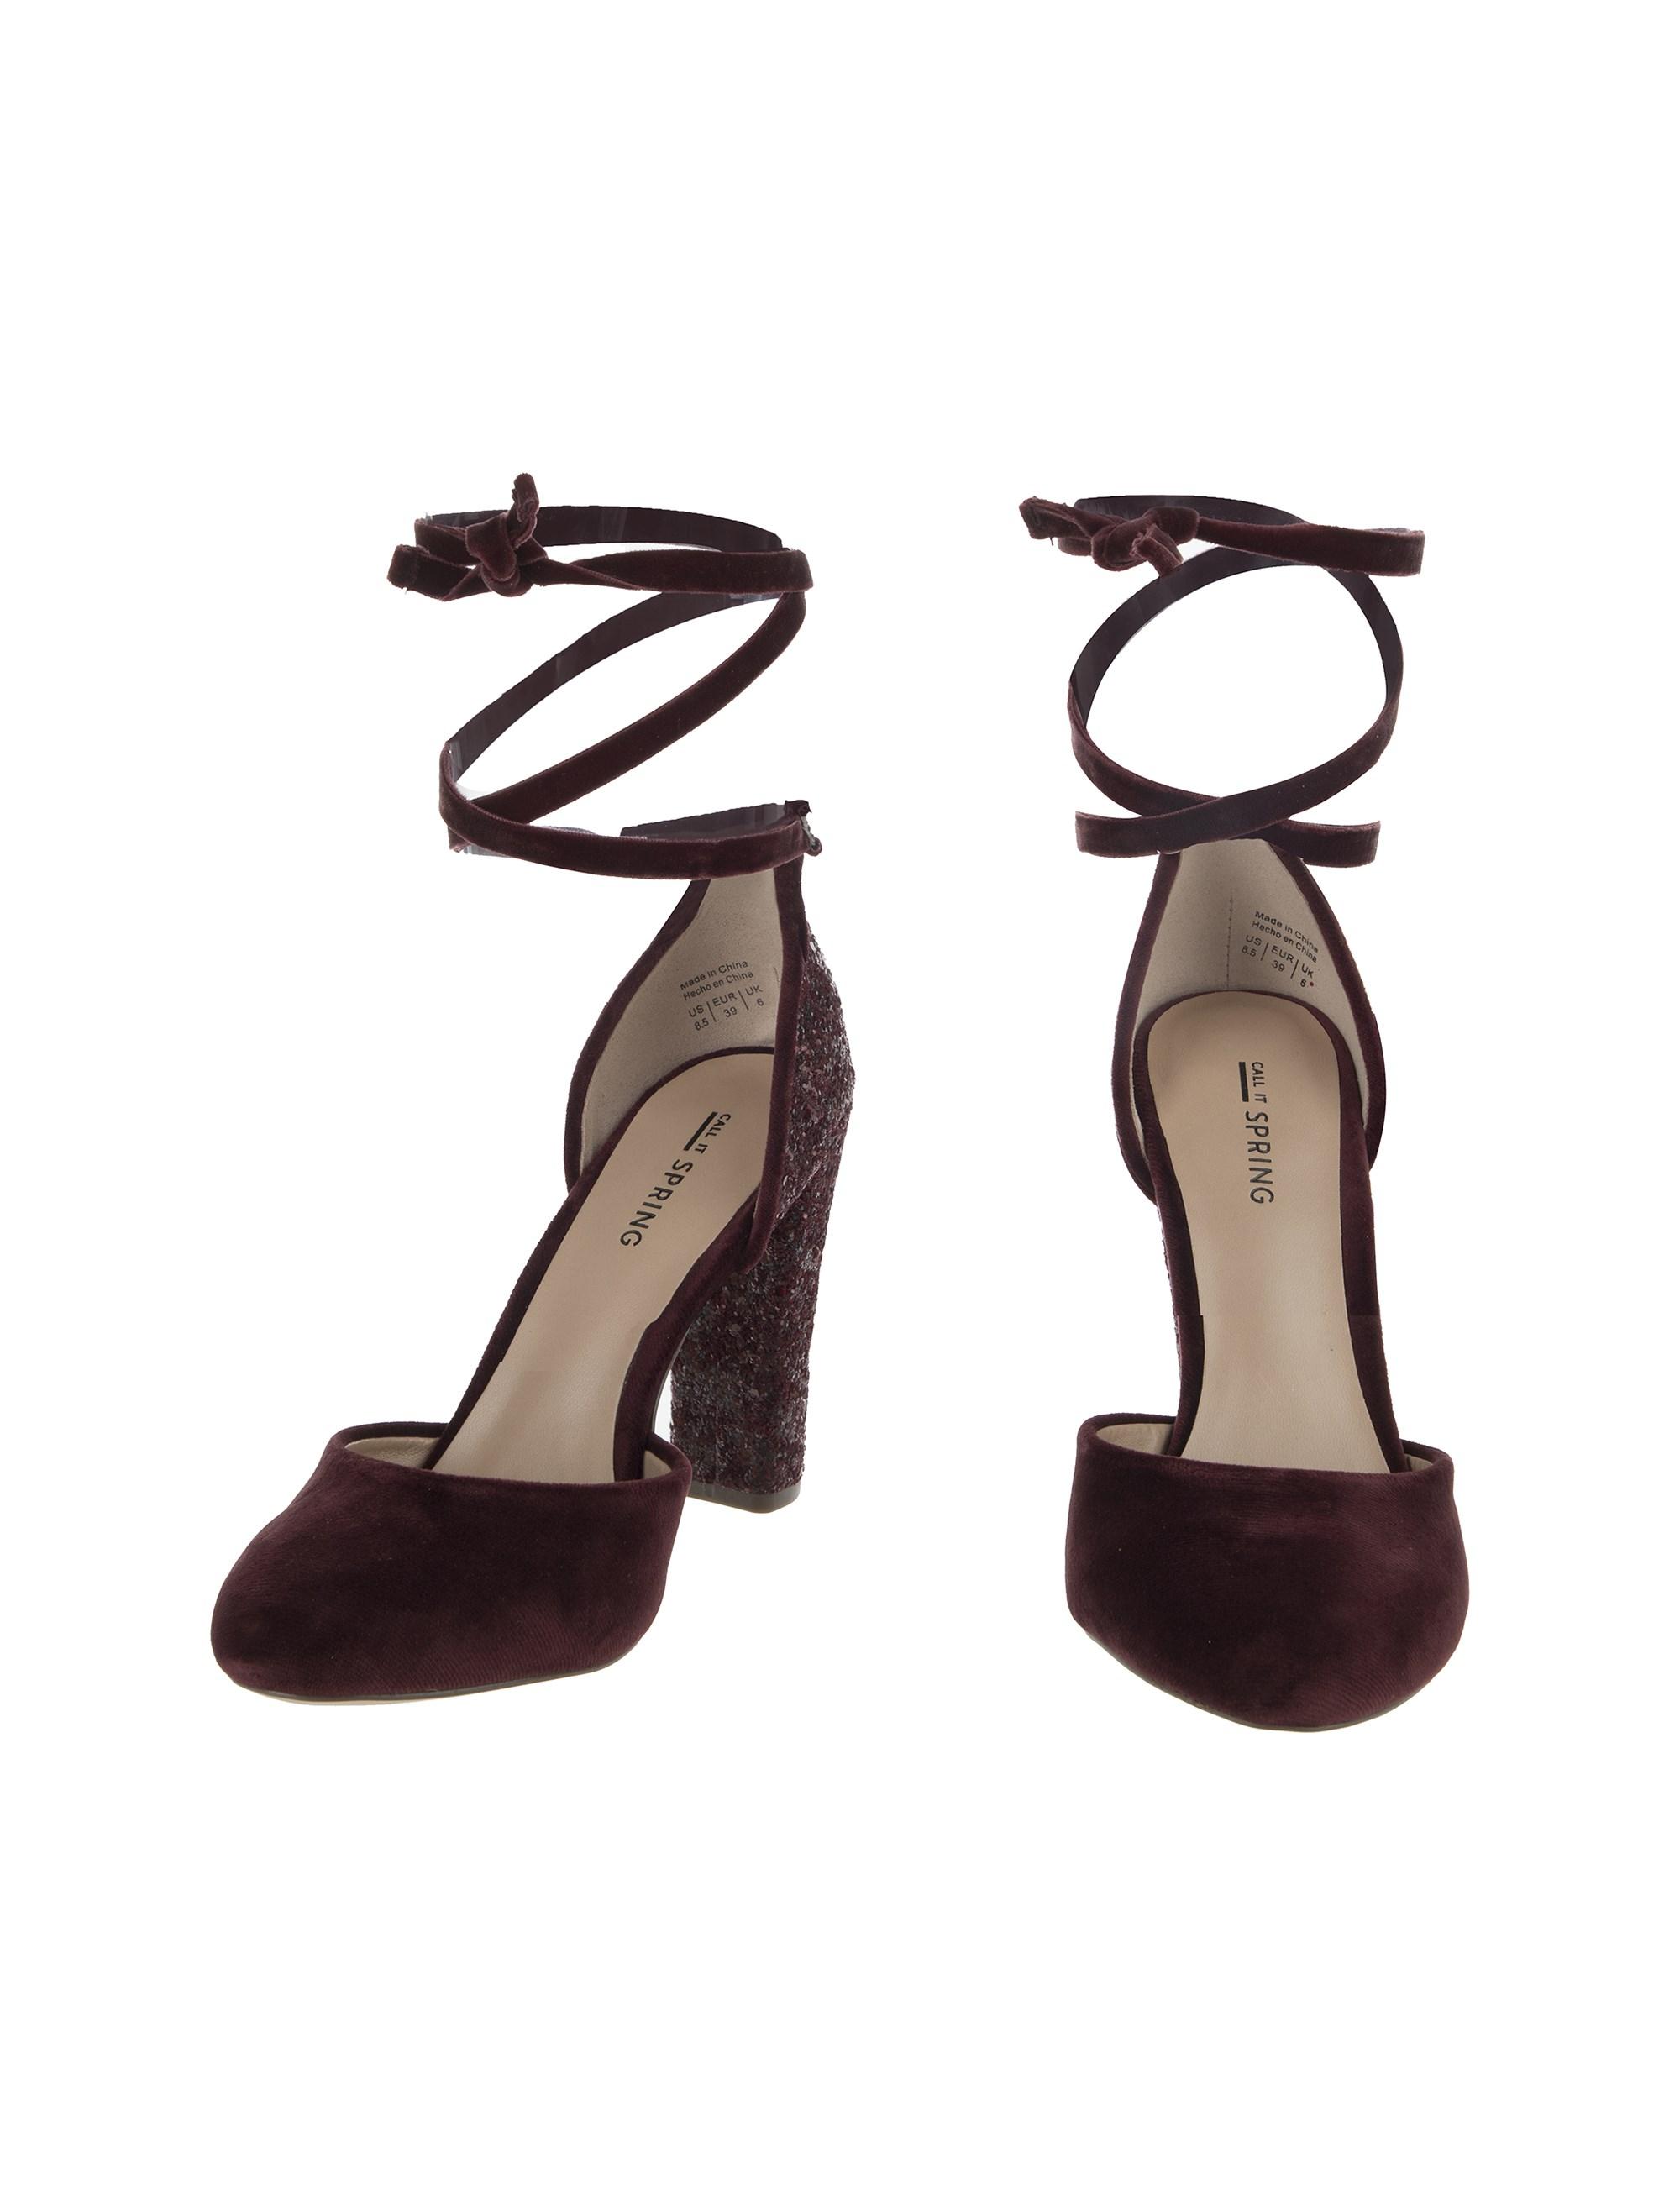 کفش پاشنه بلند زنانه ABIGODDA - زرشکي - 4